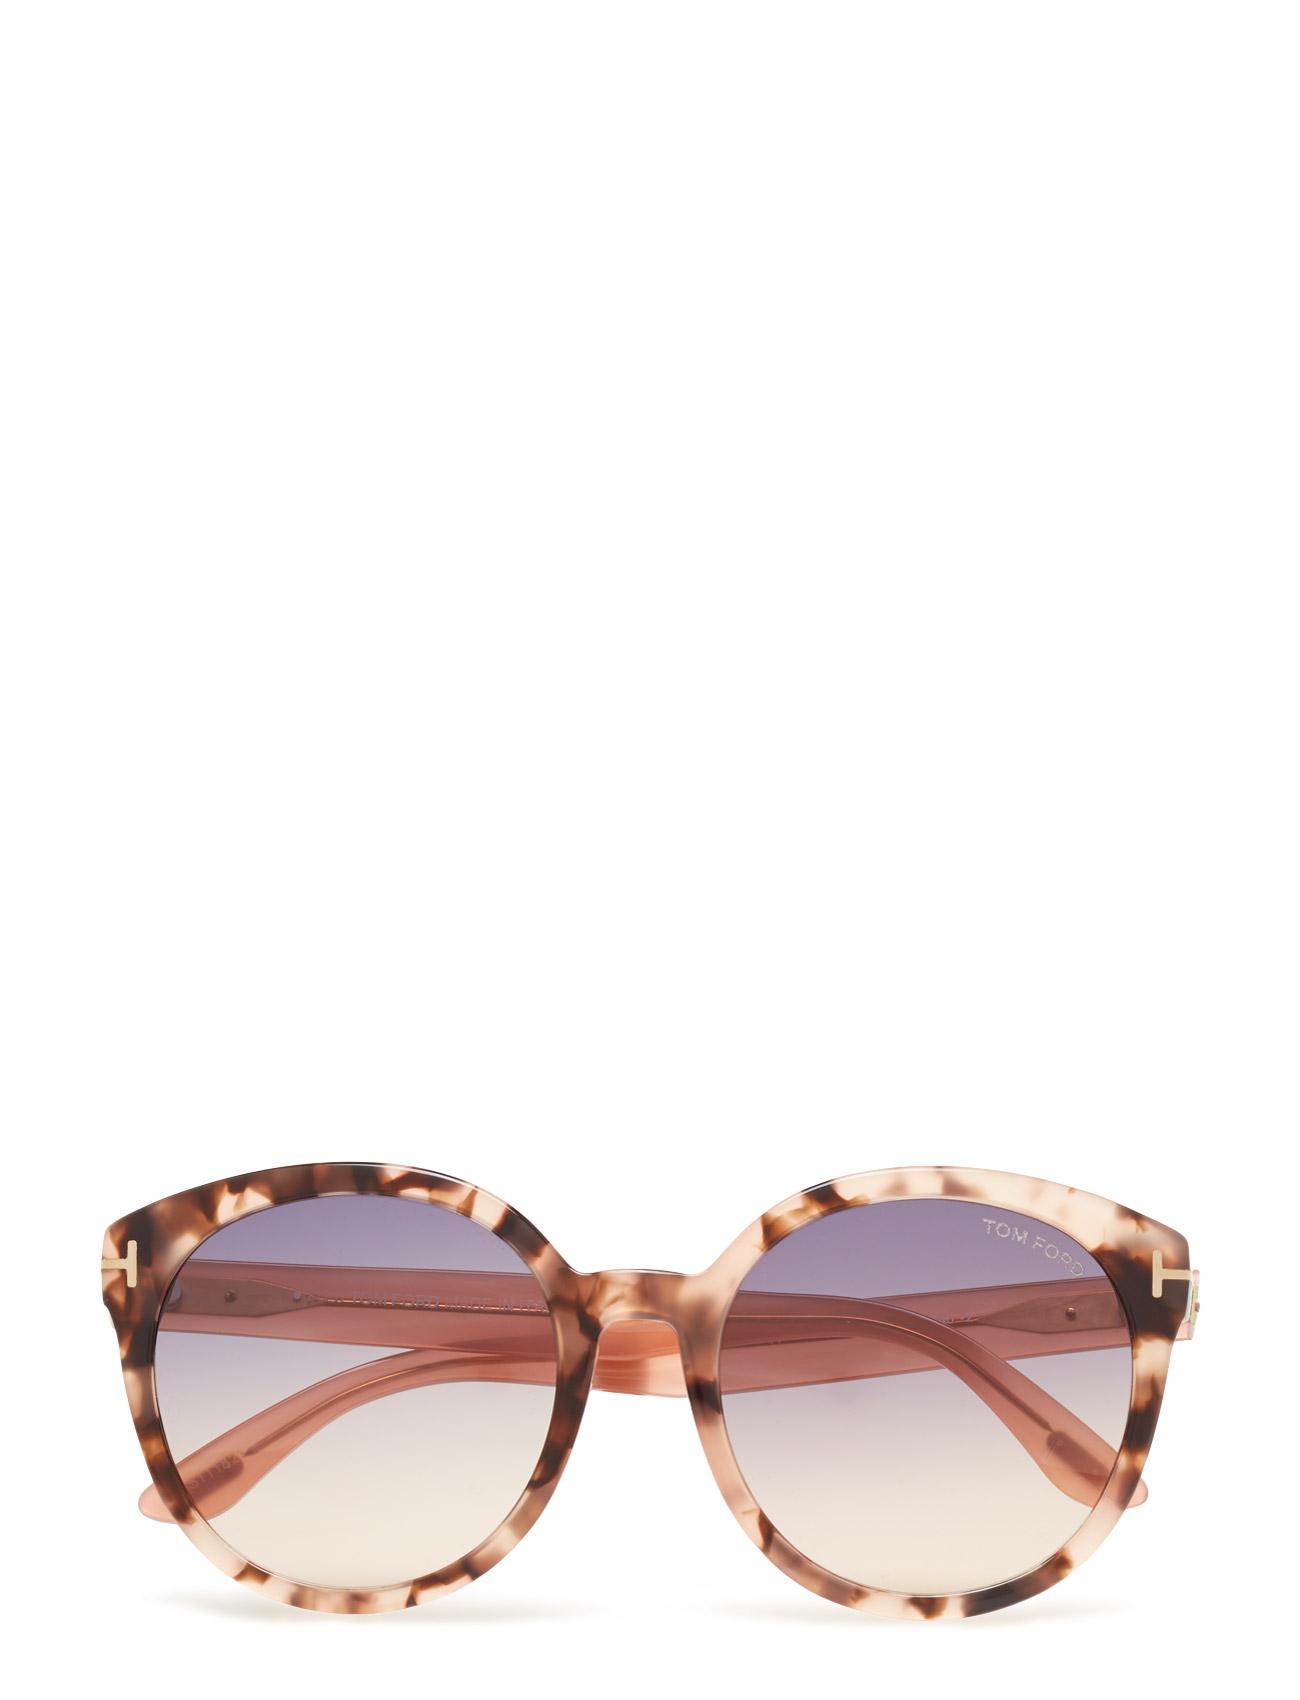 Tom Ford Philippa Tom Ford Sunglasses Solbriller til Damer i